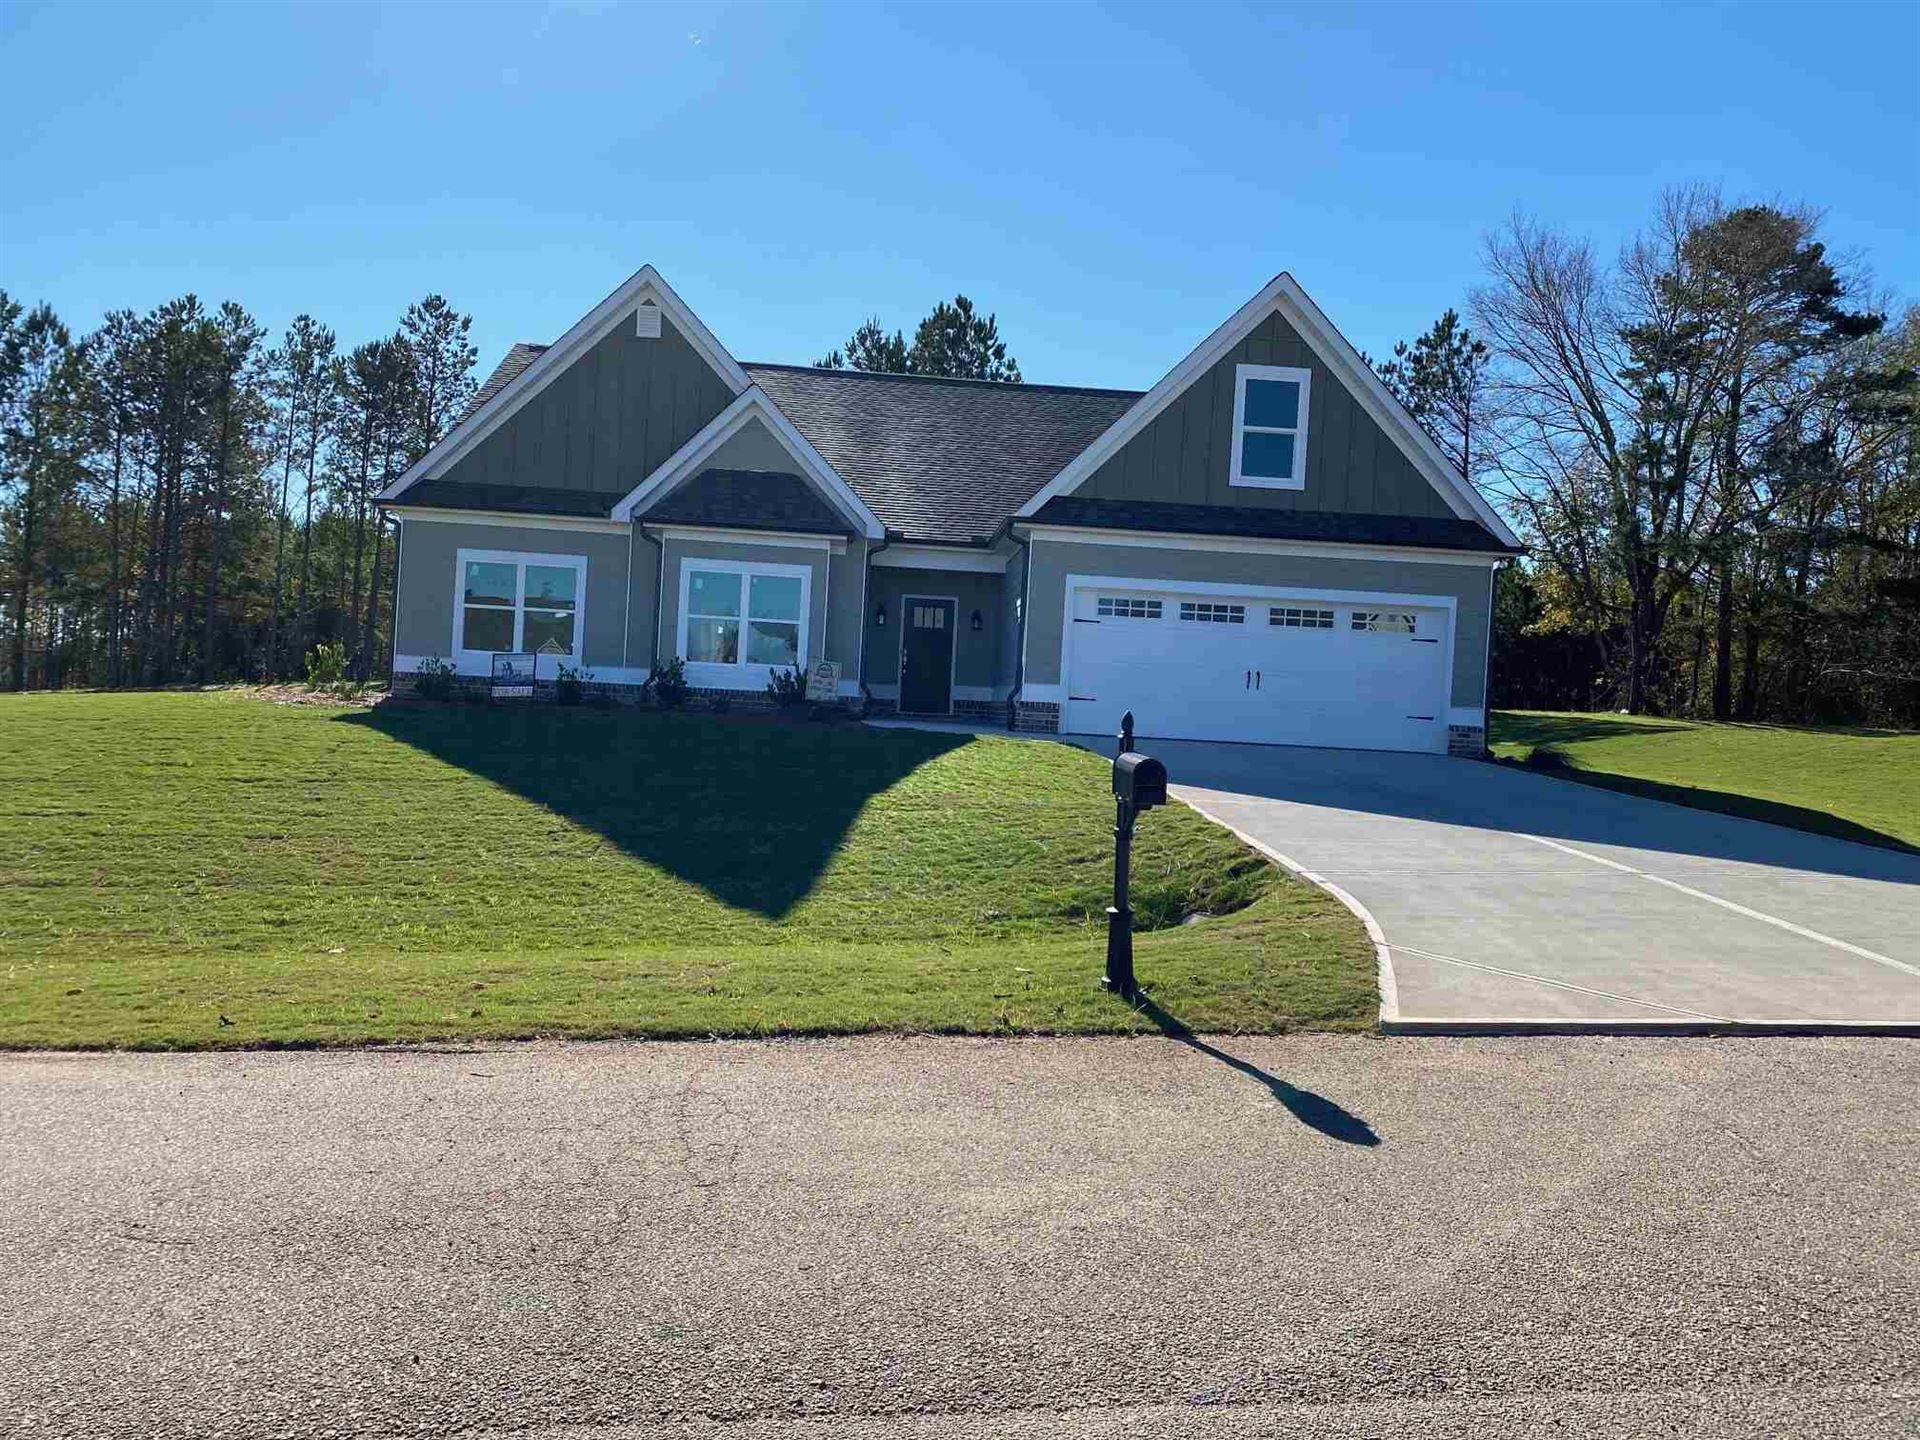 154 Alexander Lakes Dr, Eatonton, GA 31024 - MLS#: 8834551